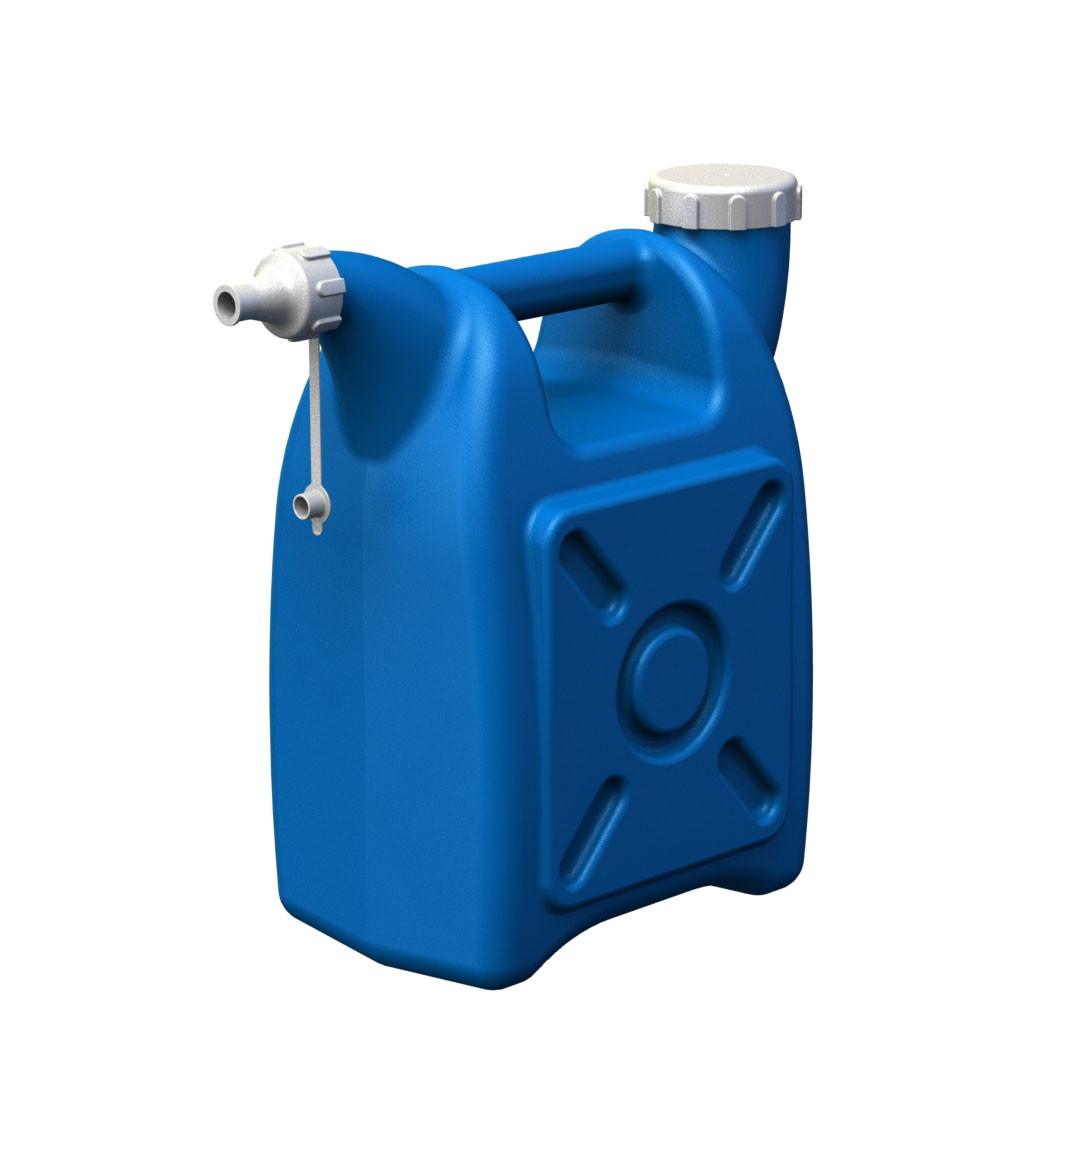 Канистра - лейка  Radivas с дополнительным горлышком для слива 15 литров  ОПТОМ